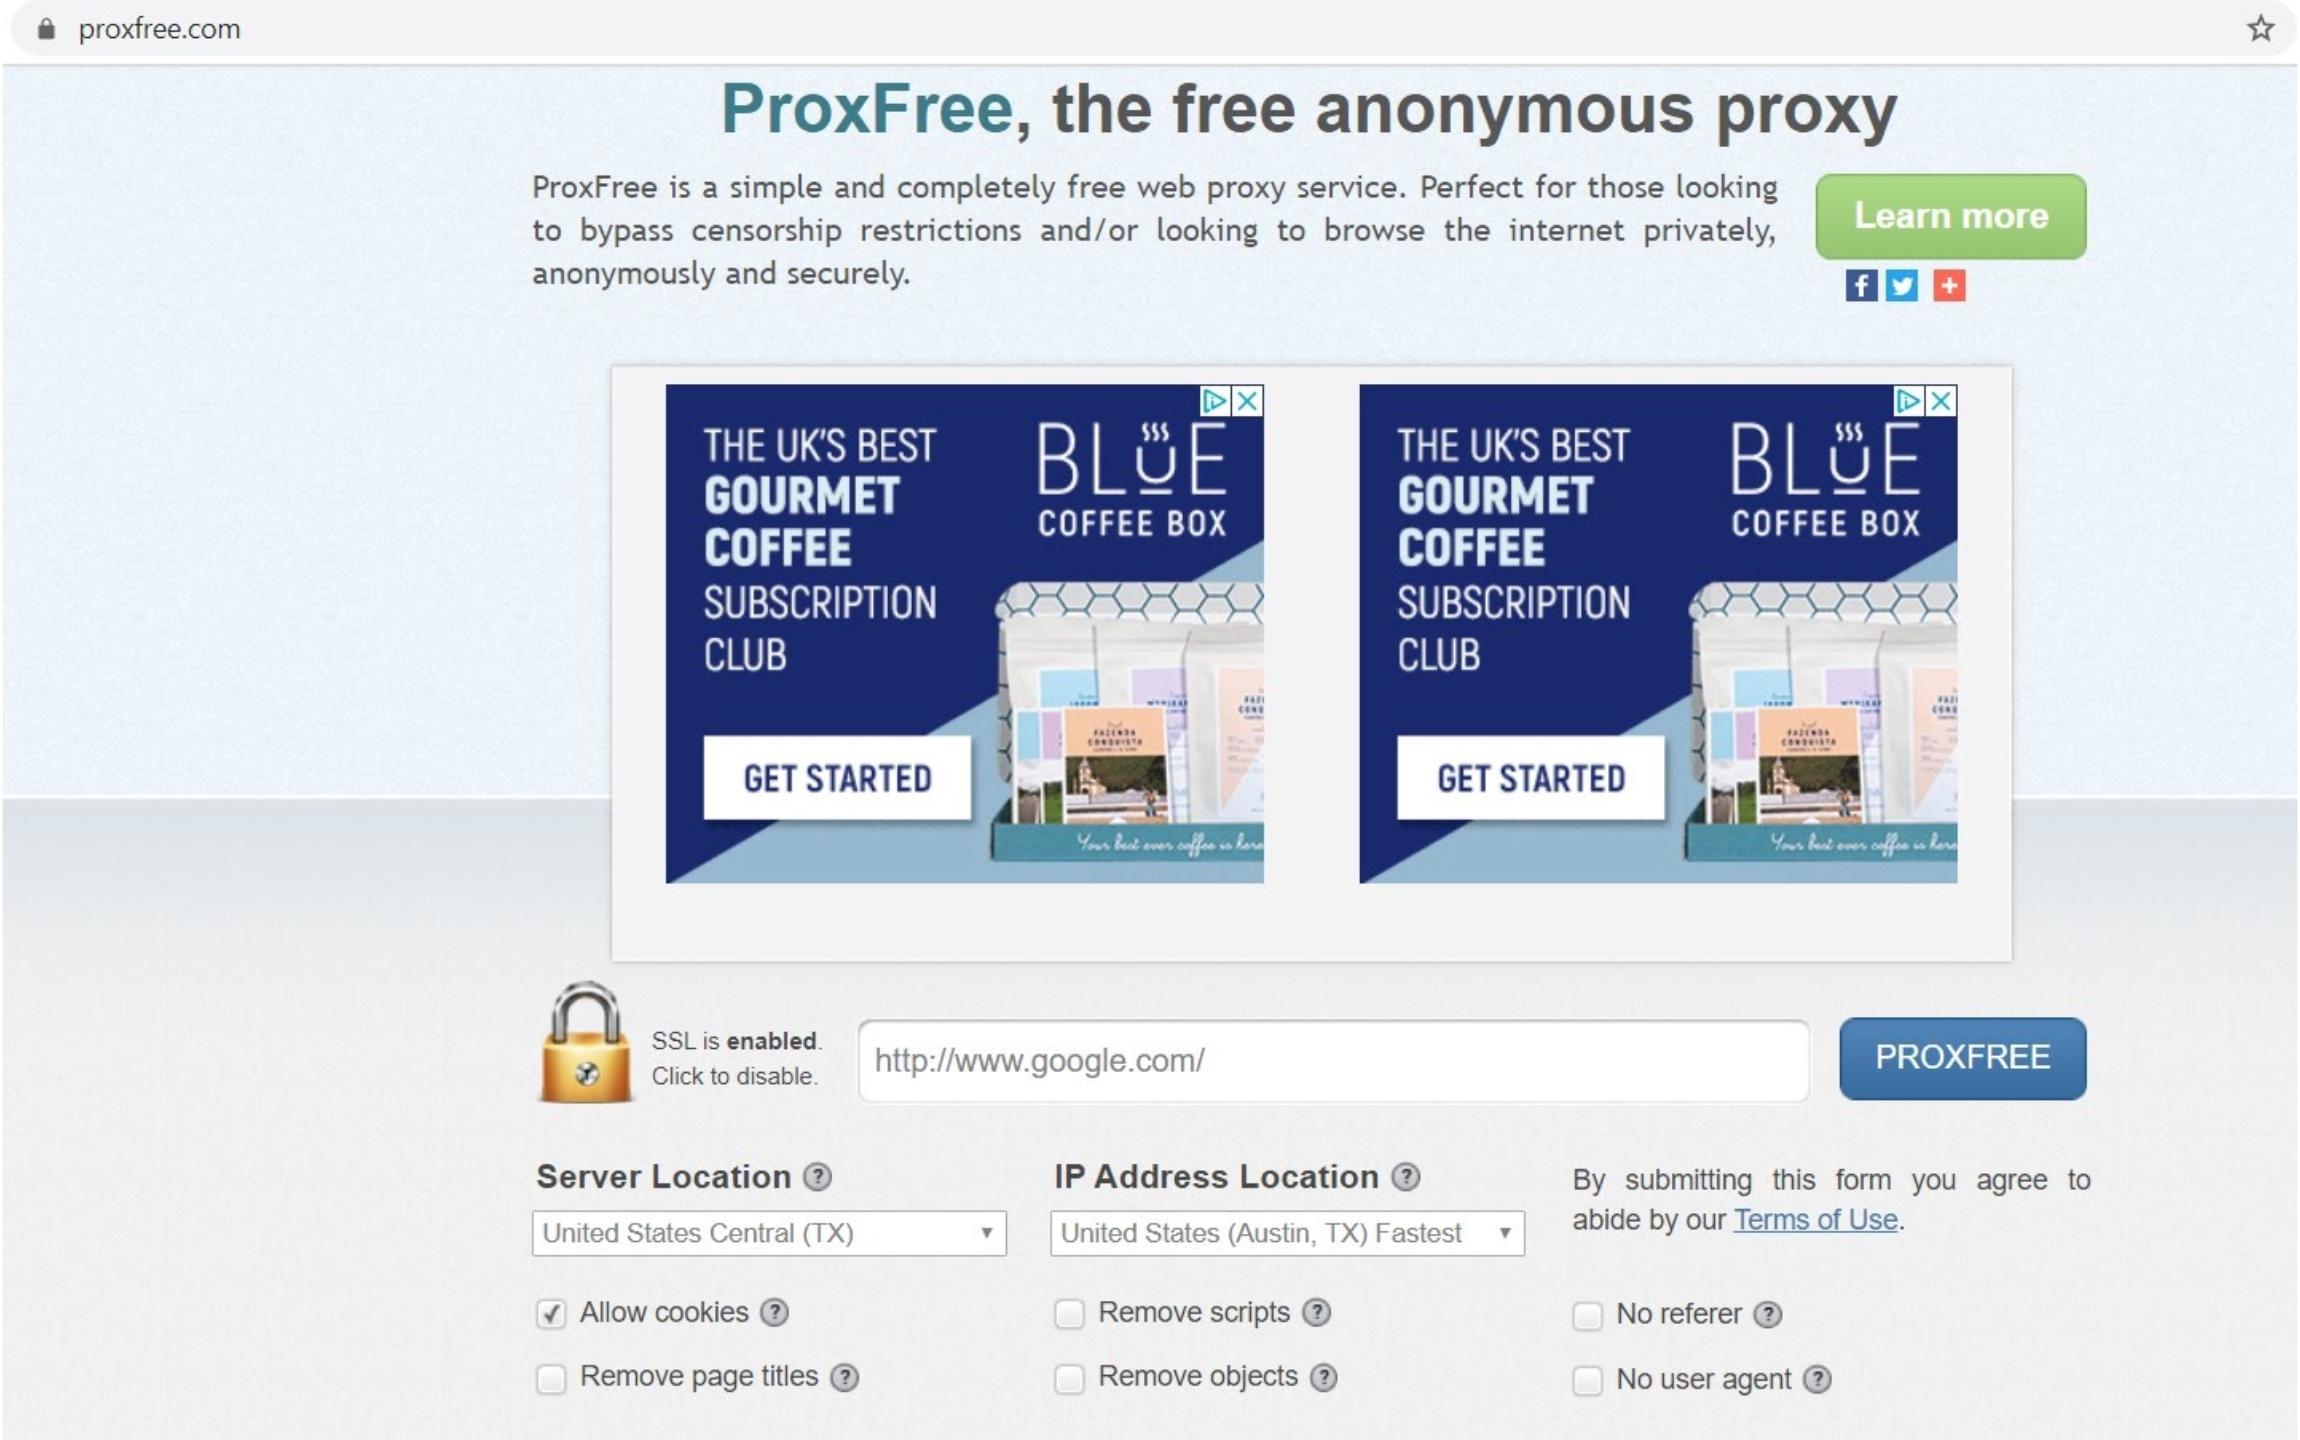 Screenshot of ProxFree landing page